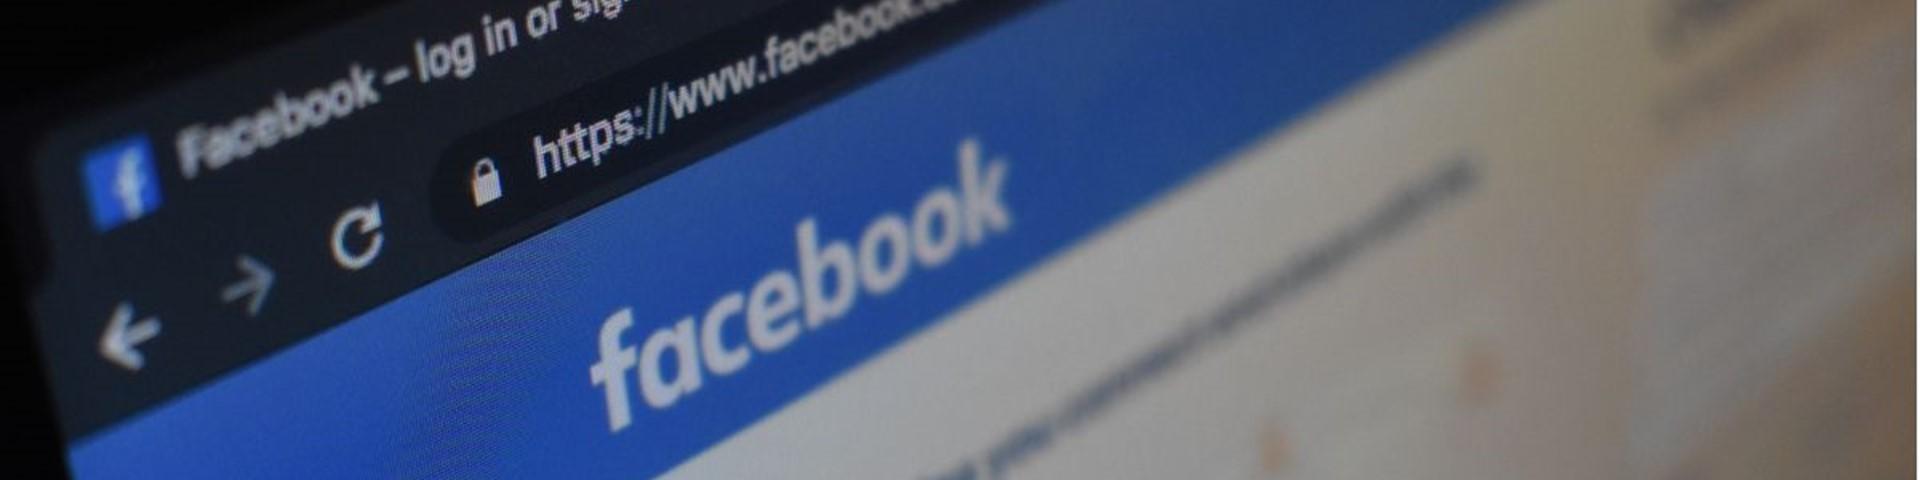 Facebook muda publicidade ligada a produtos e serviços financeiros